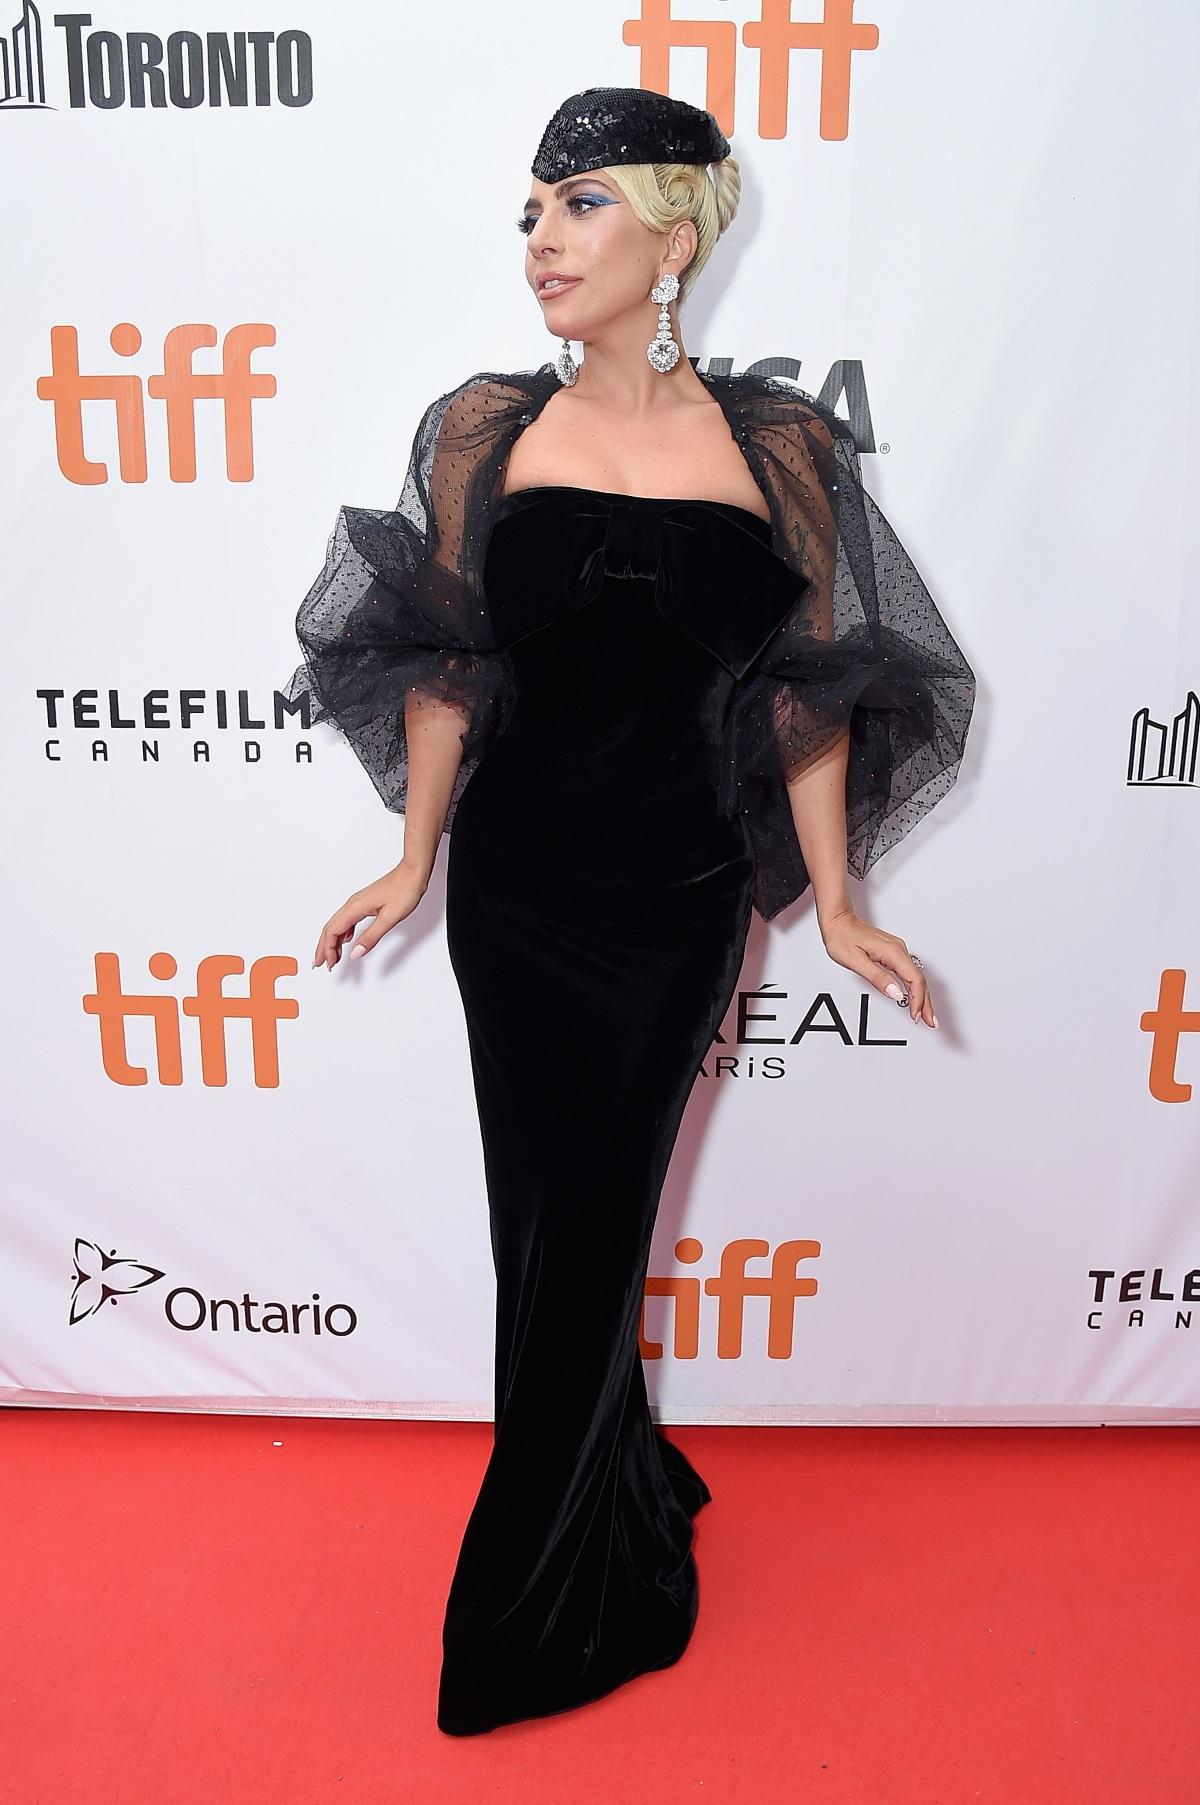 Ако трябва с едно изречение да опишем Лейди Гага, то би било - жената с много лица. Още с първата си поява на сцената до ден днешен тя си остава една от най-колоритните, щури и шарени звезди в шоубизнеса. Тази година Гага смени за малко сцената със снимачната площадка и дебютира като актриса във филма на Брадли Купър - Star is born. Това, което всички забелязаха е метаморфозата на Гага на червения килим. Всеки път тя беше като малък диамант до Брадли Купър. С тоалети в нежни цветове, прибрана коса и обувки без платформа. Всичко това се променя, когато Гага е на музикалната сцена. Вижте разликите в снимки: